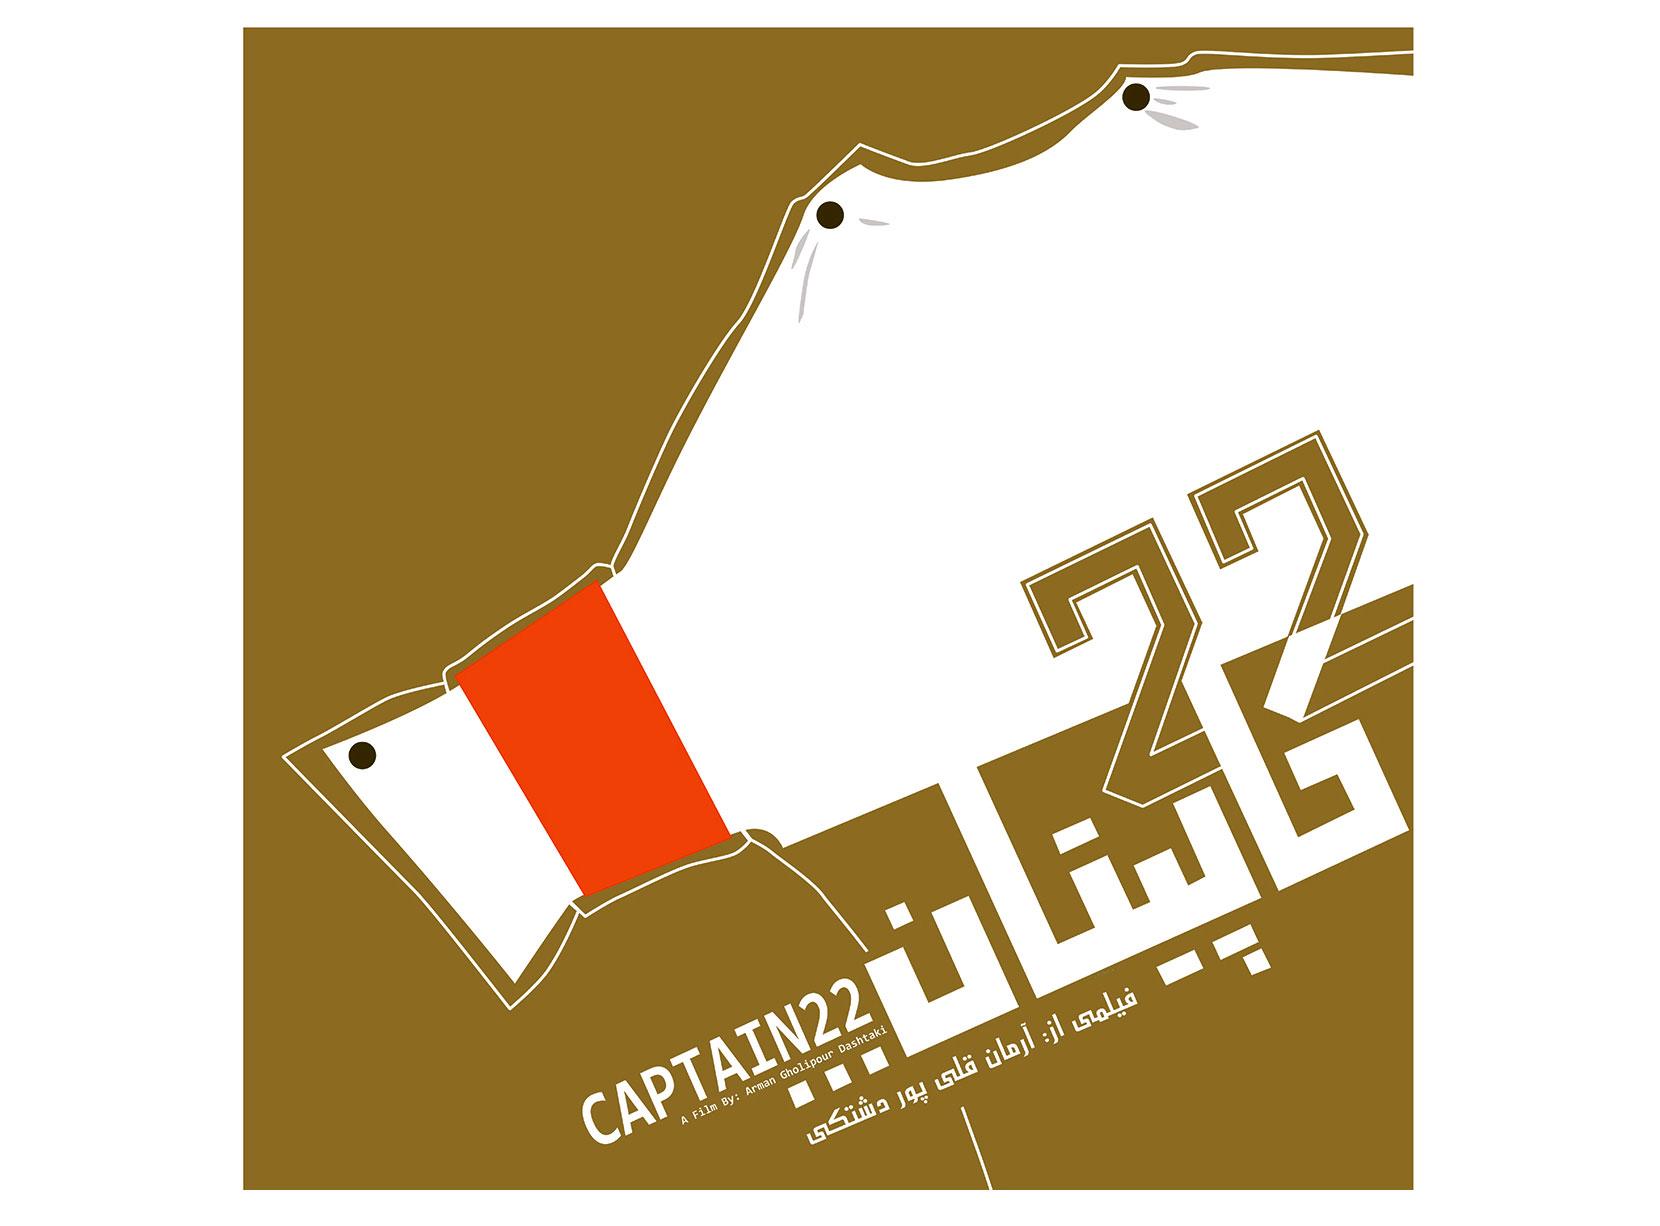 capitan-22